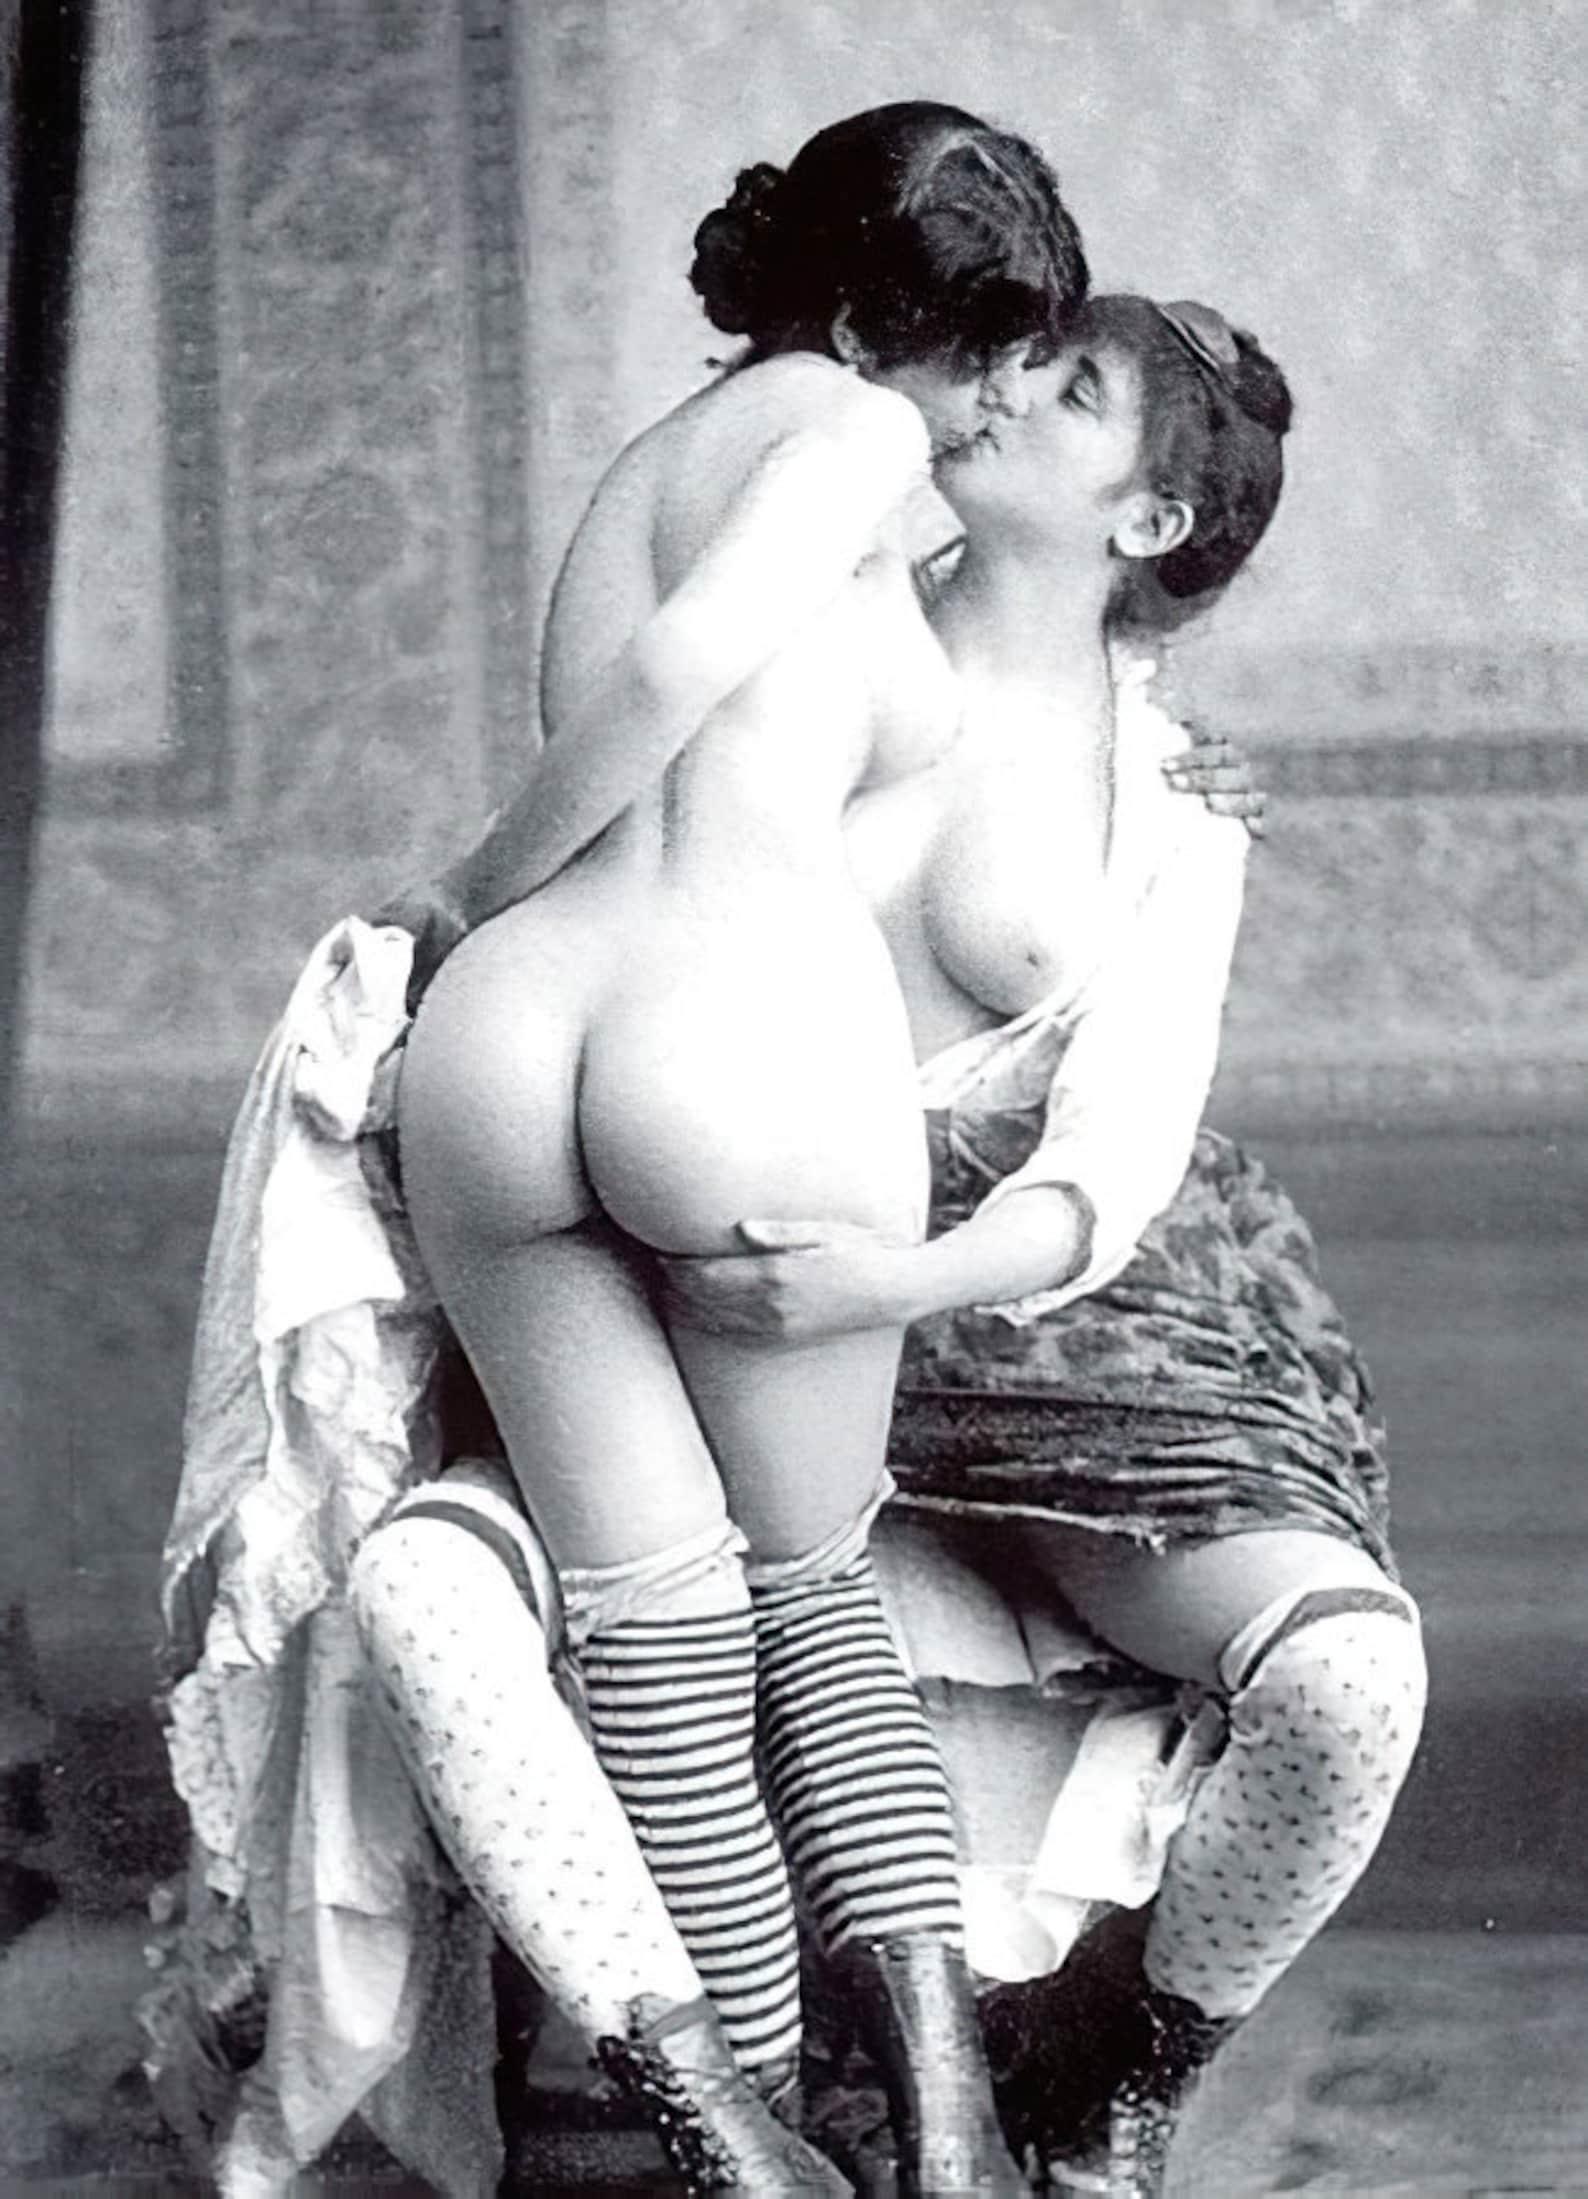 Retro lesbian erotica